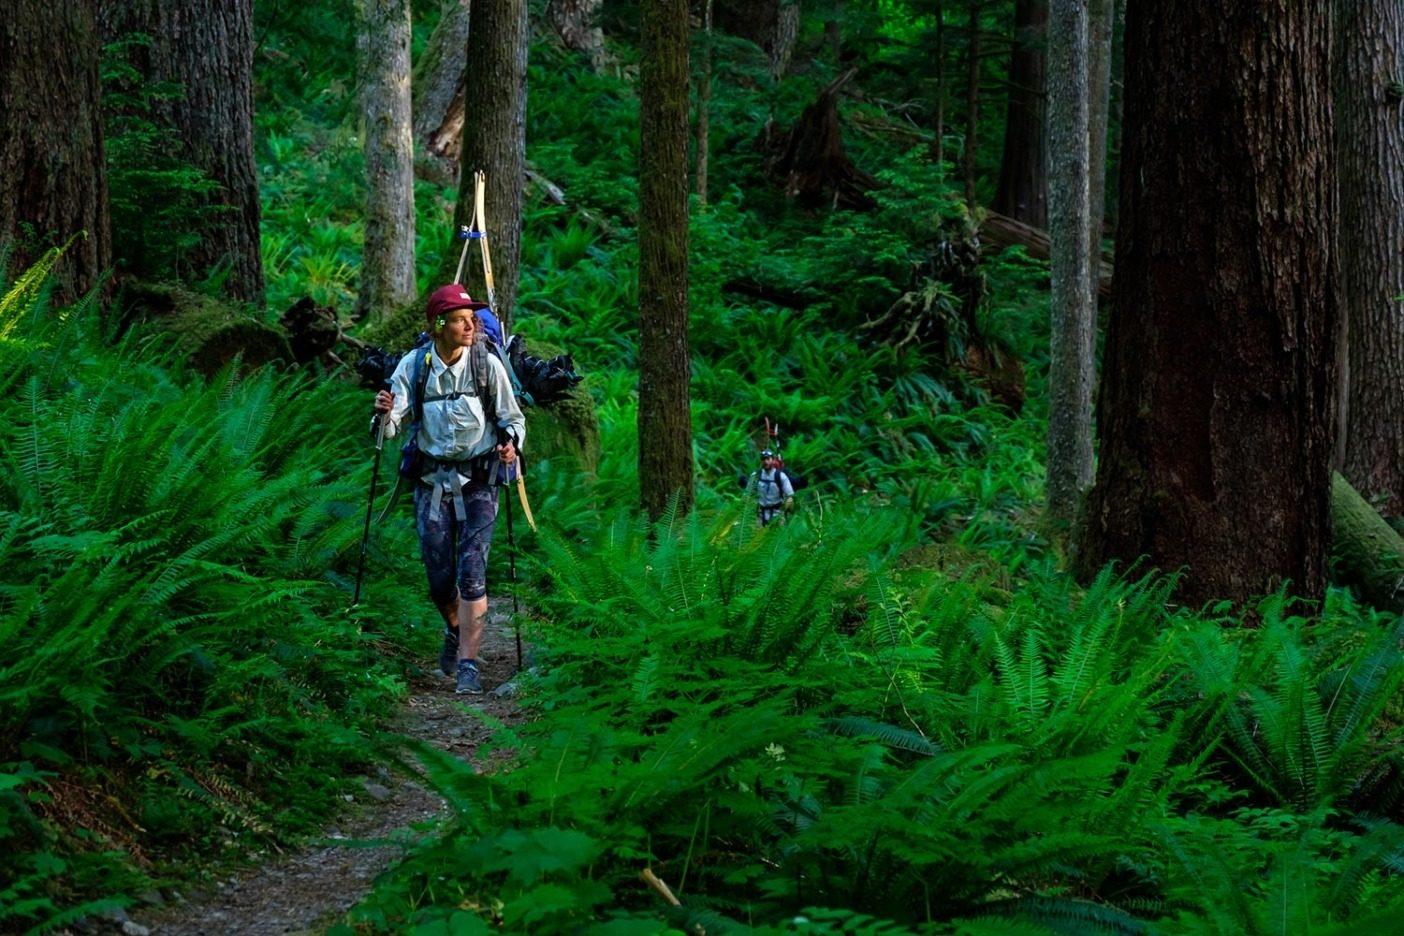 オリンピック山脈での8日間のトラバースの7日目、ホー・リバー・トレイルの上流沿いを下るマリー-フランス・ロイとケール・マーティン。湿ったスノーボード・ブーツをやっと脱ぎ、乾いた靴に履き替えて温帯降雨林を歩いていると、夕日が原生林を金色に染めた。Photo: Colin Wiseman